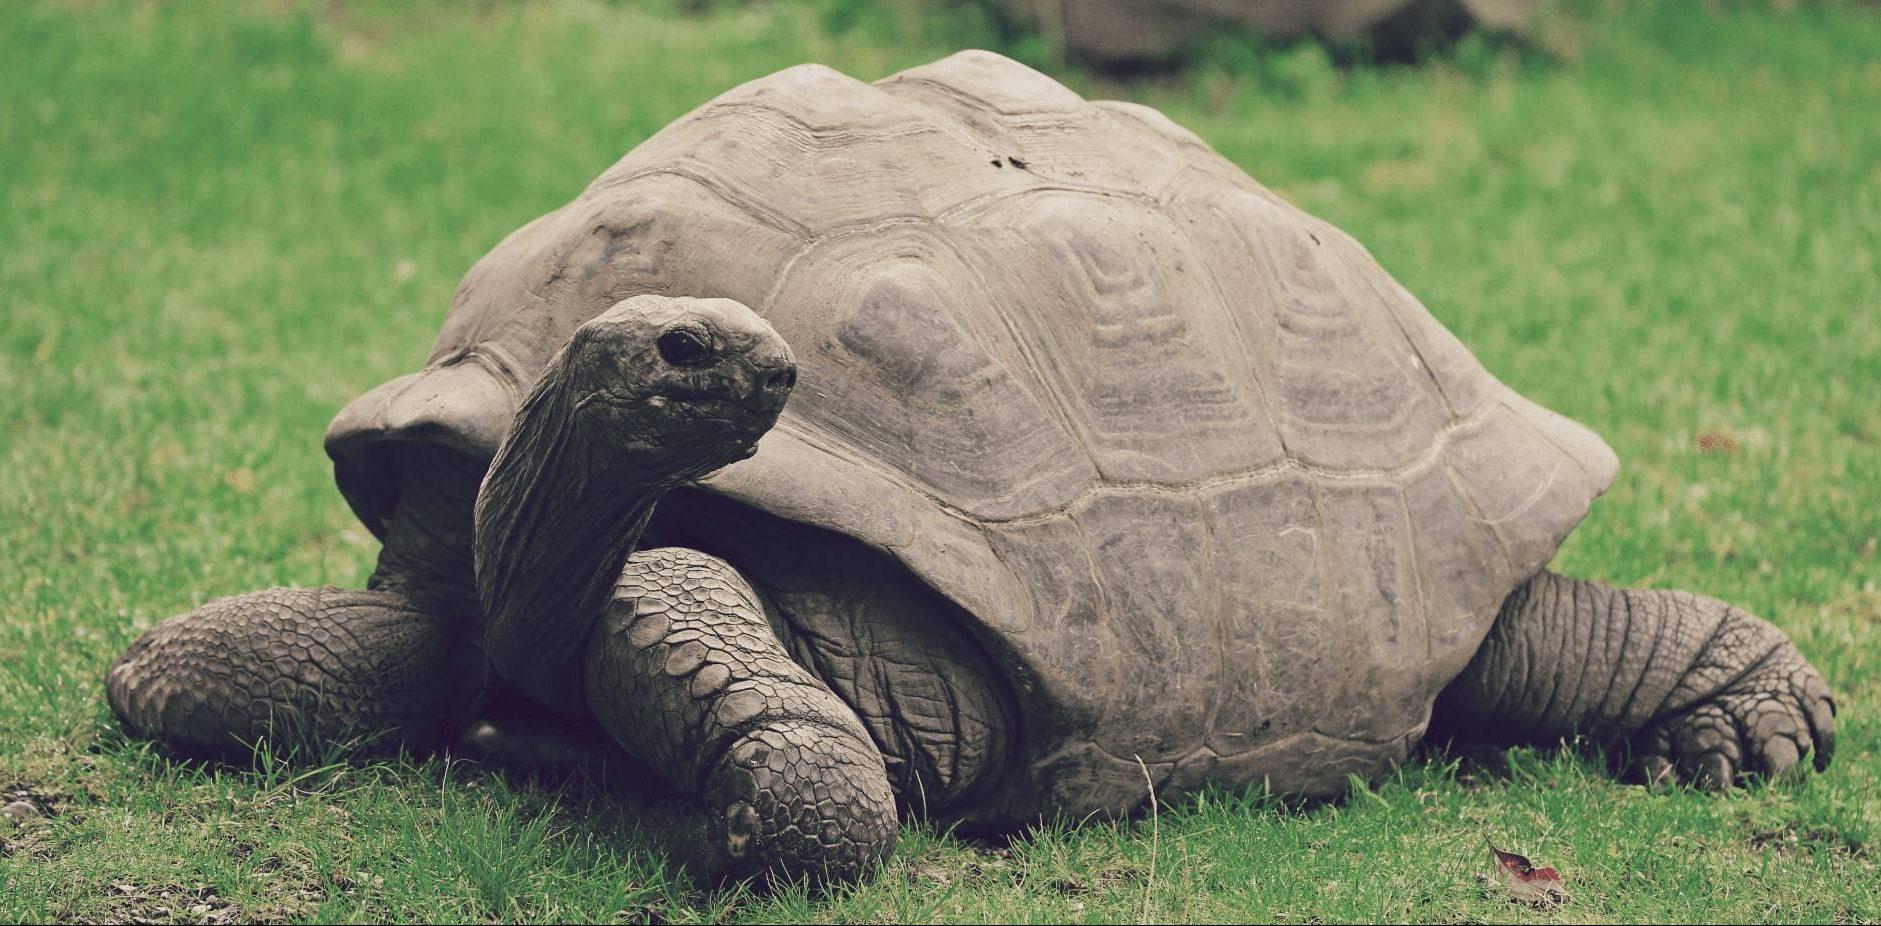 Tortuga gigante de Aldabra (Aldabrachelys gigantea)